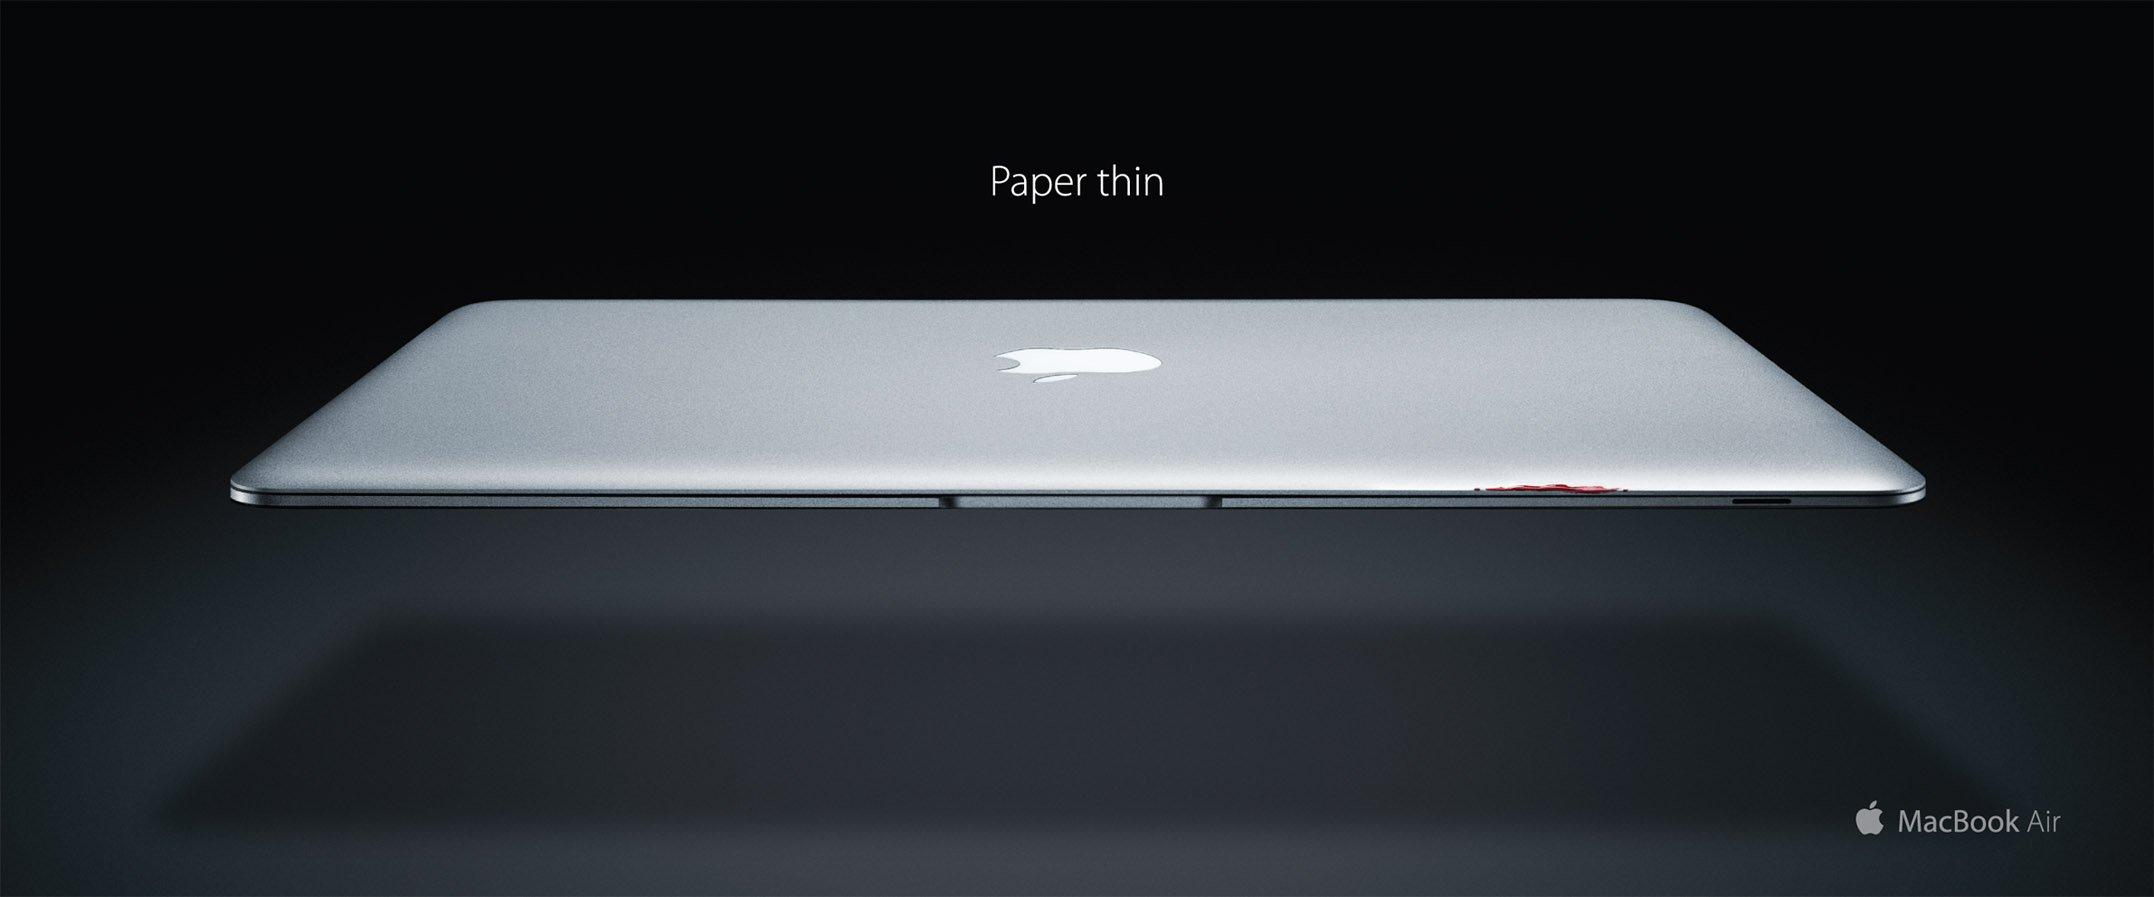 macbook-air-paper-cut-original-13836.jpg